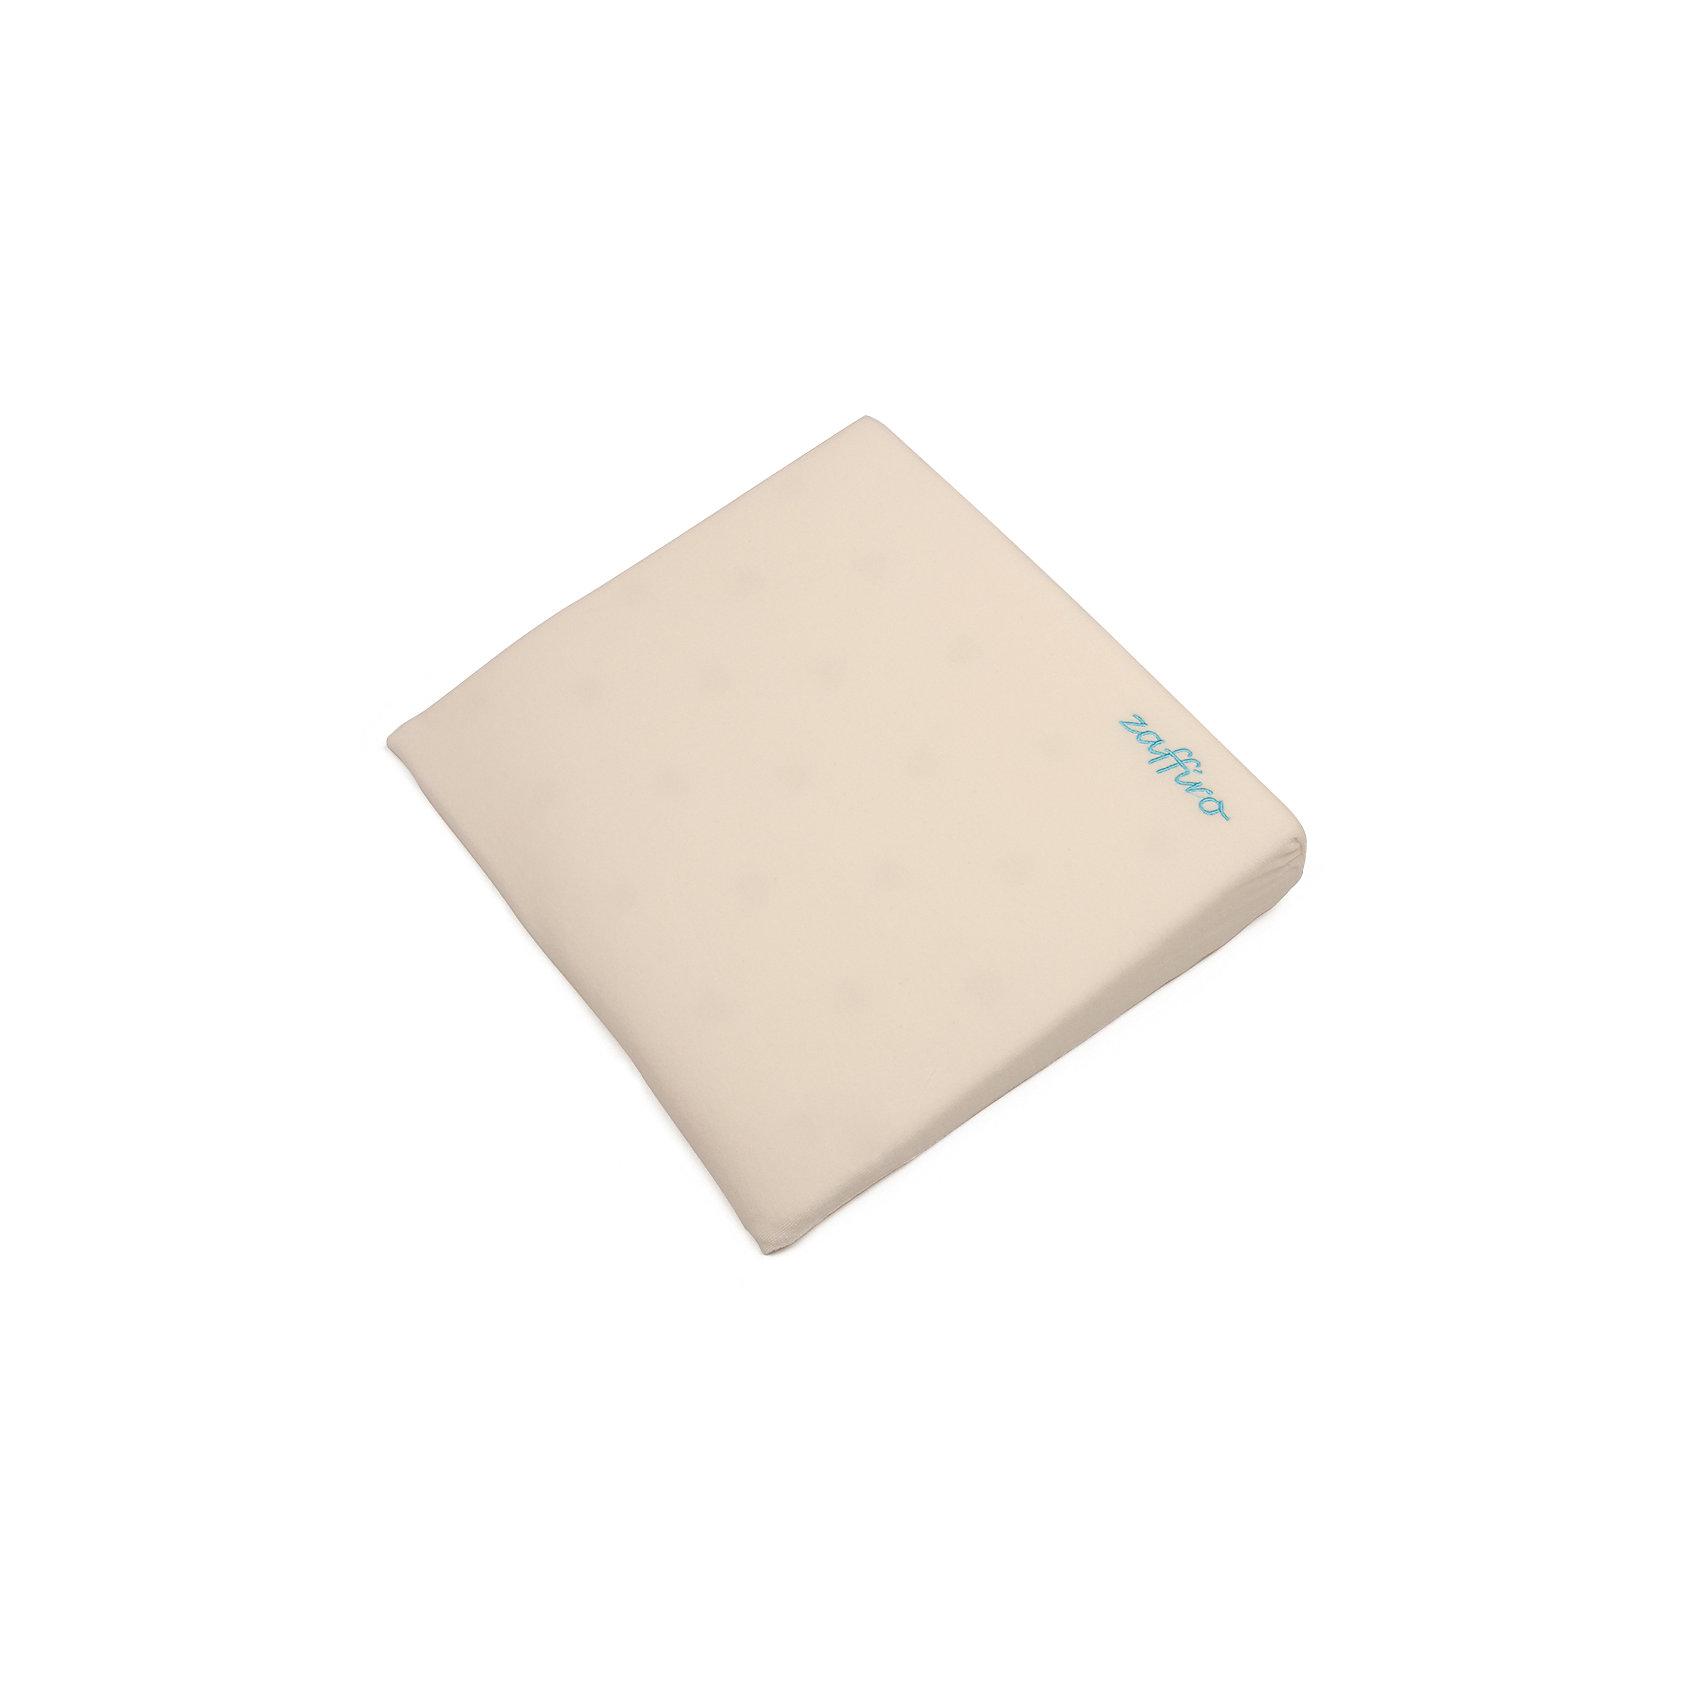 Подушка-клин Exclusive, 40х37х8 см, Womar